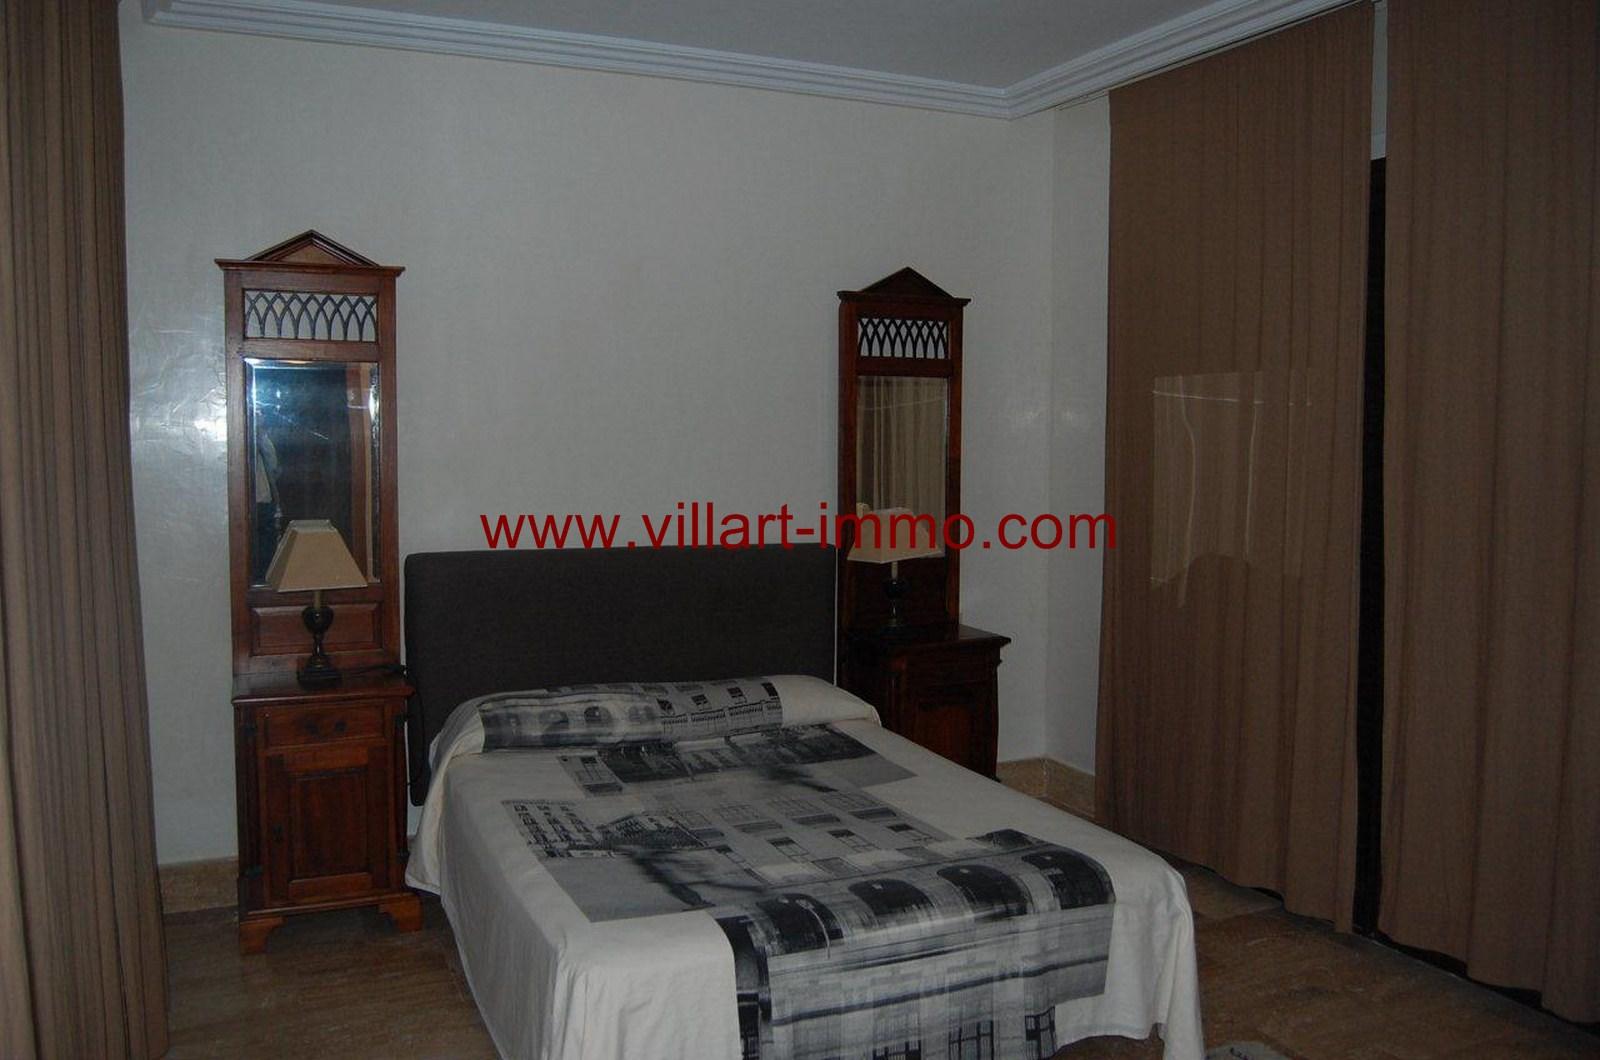 7-vente-appartement-tanger-achakar-chambre-2-va390-villart-immo